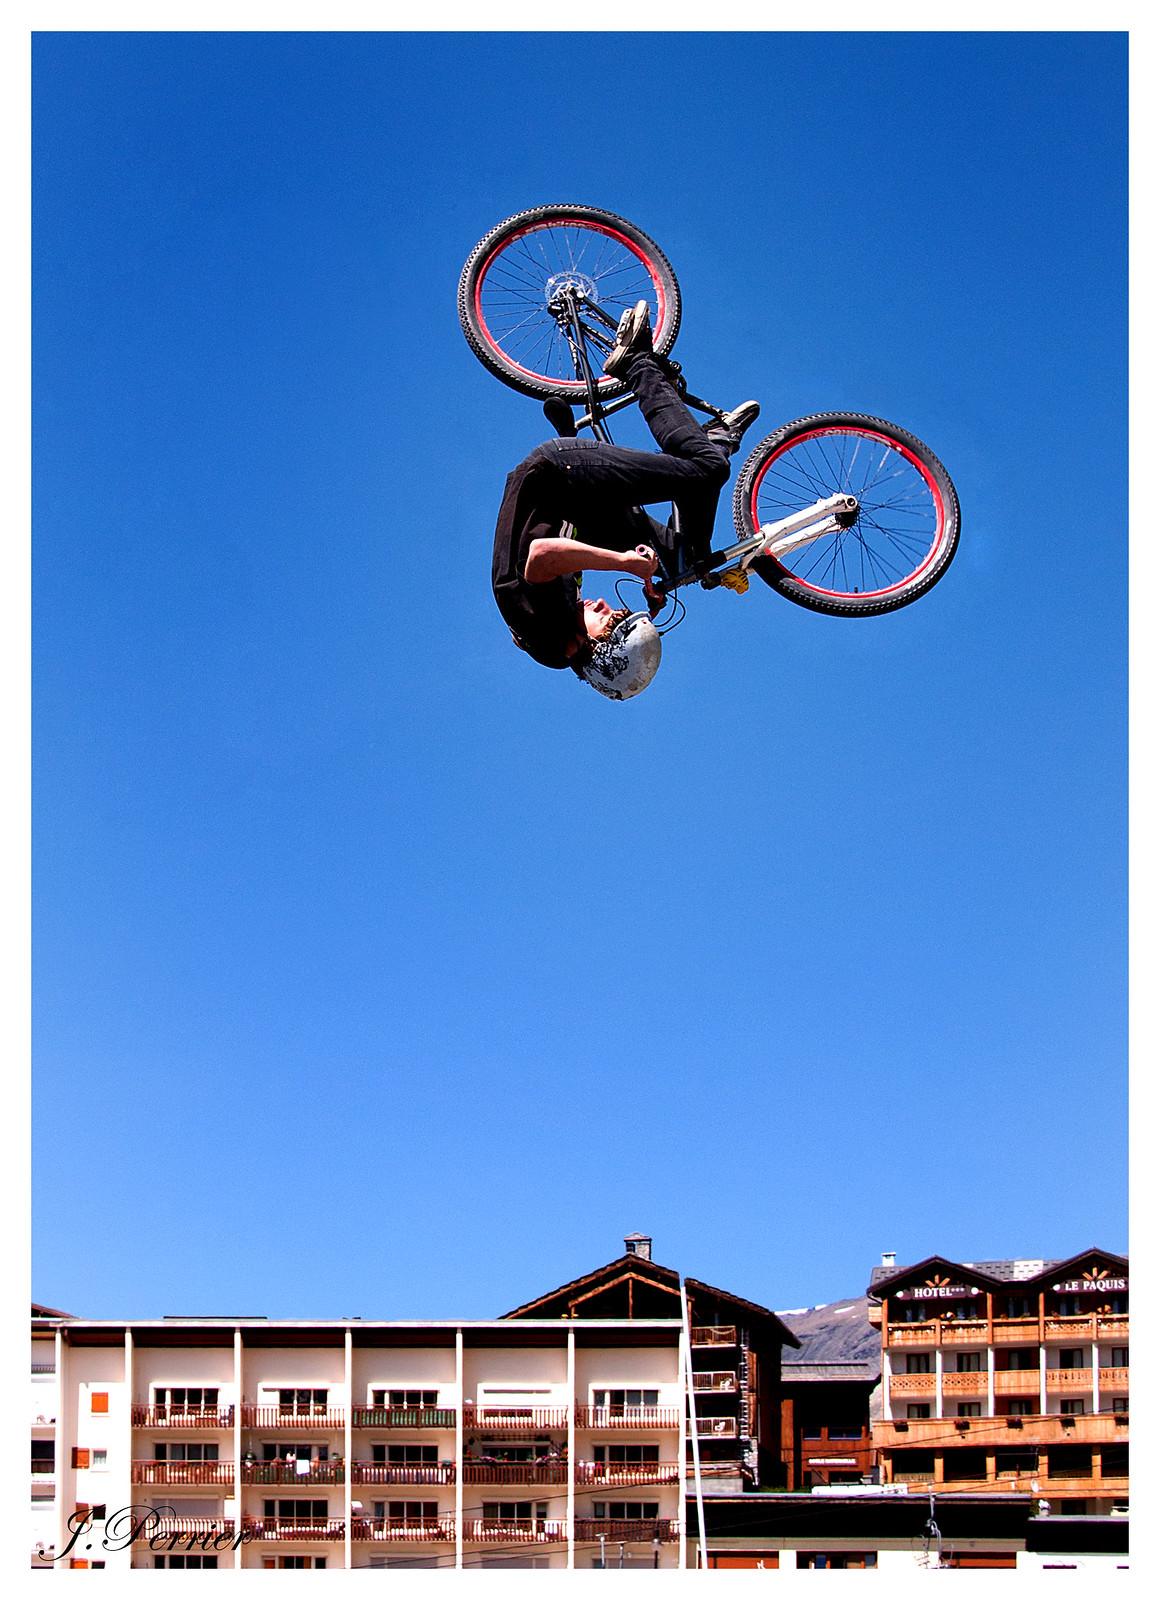 tignes été 2012 skate + BMX 7631926172_213165675e_h